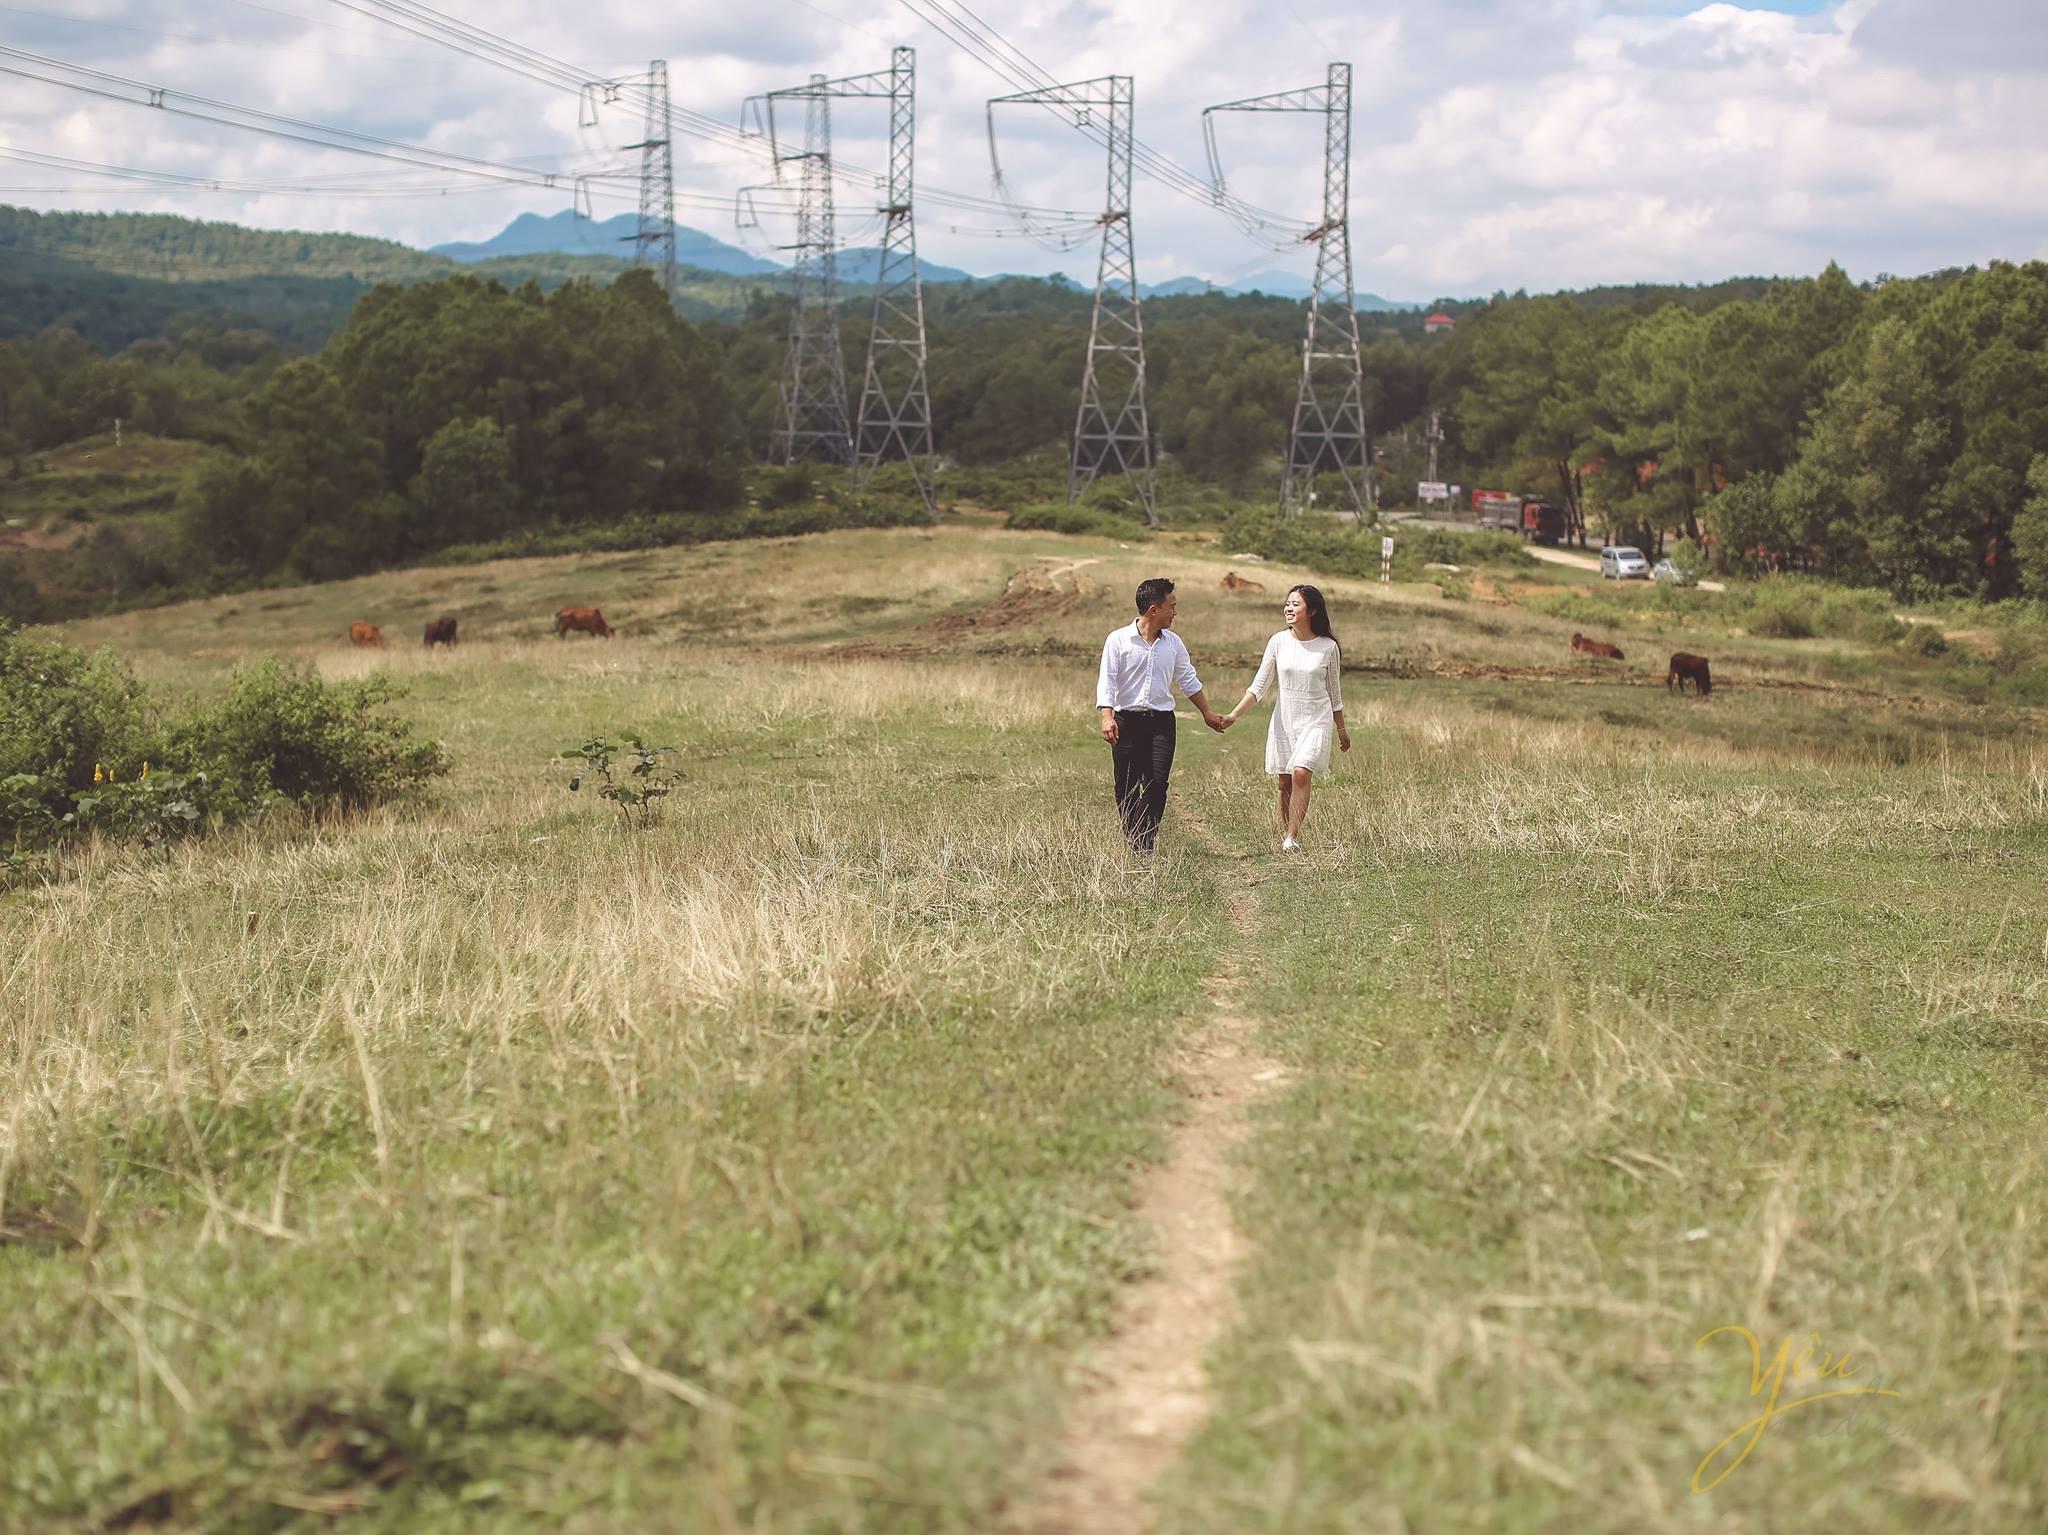 ảnh chụp từ xa cô dâu chú rể nắm tay nhau bước đi phía sau là núi đồi trập trùng